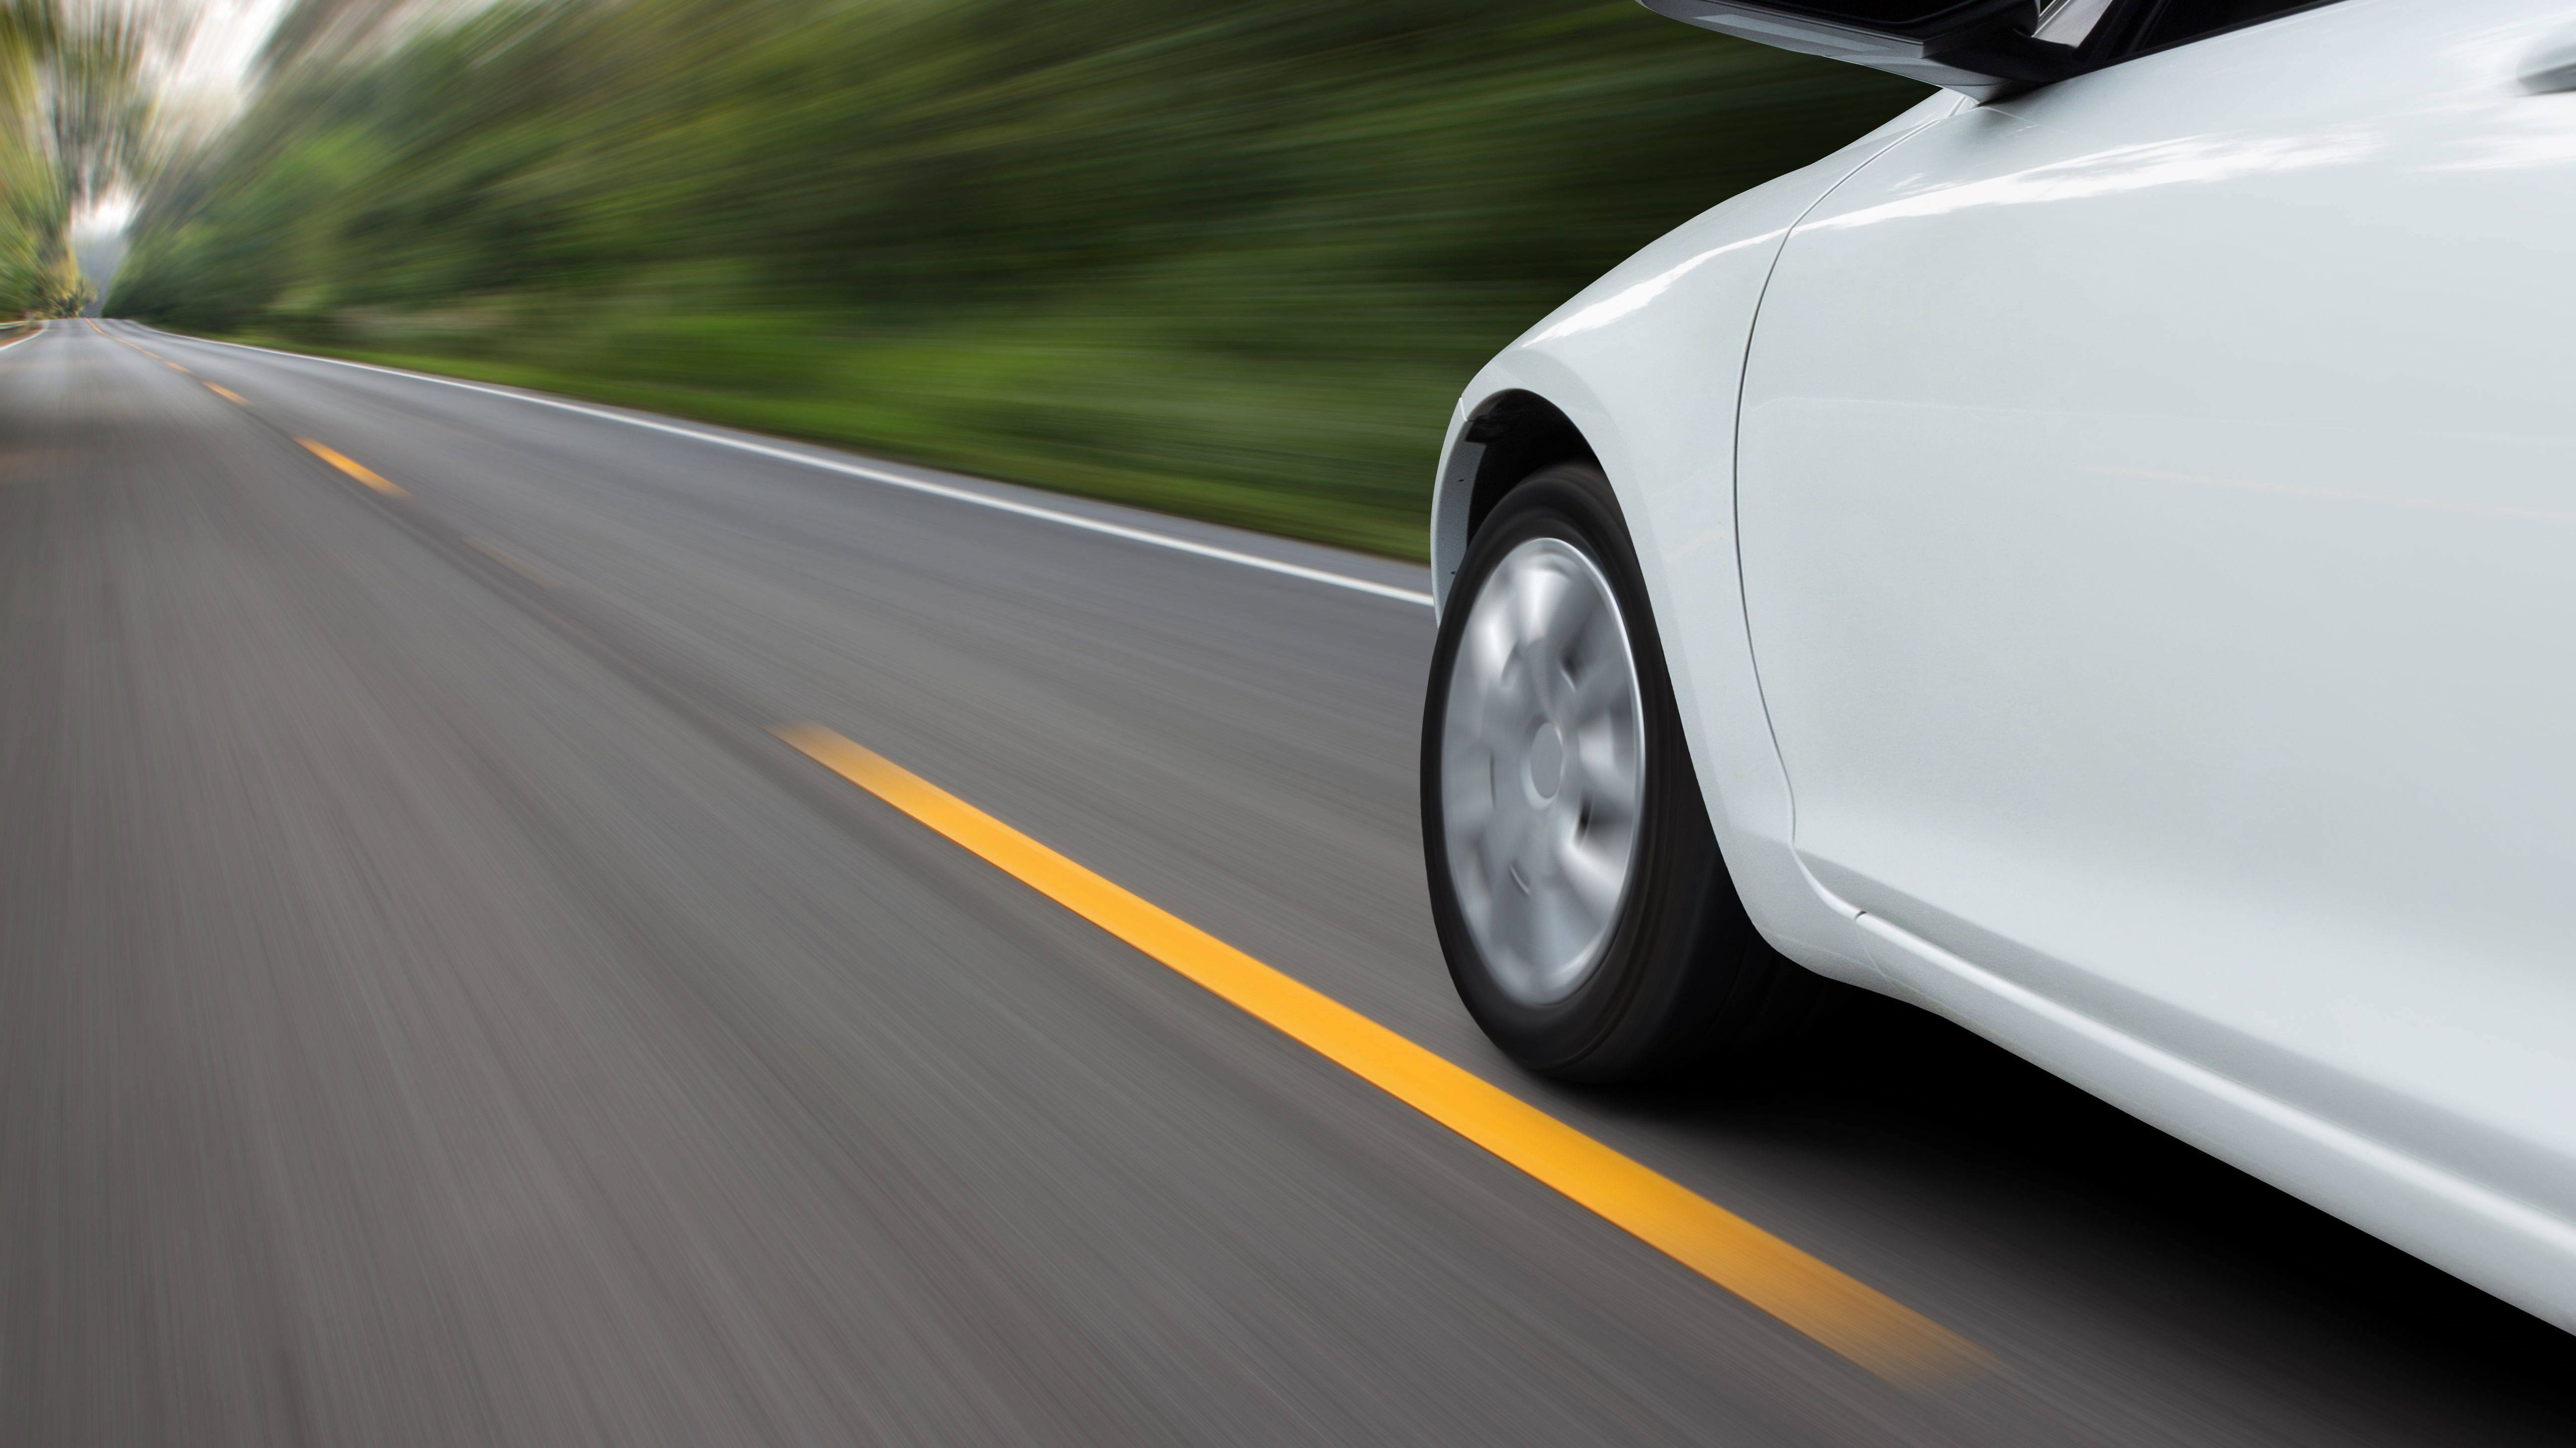 Ein Auto fährt schnell auf einer Straße.